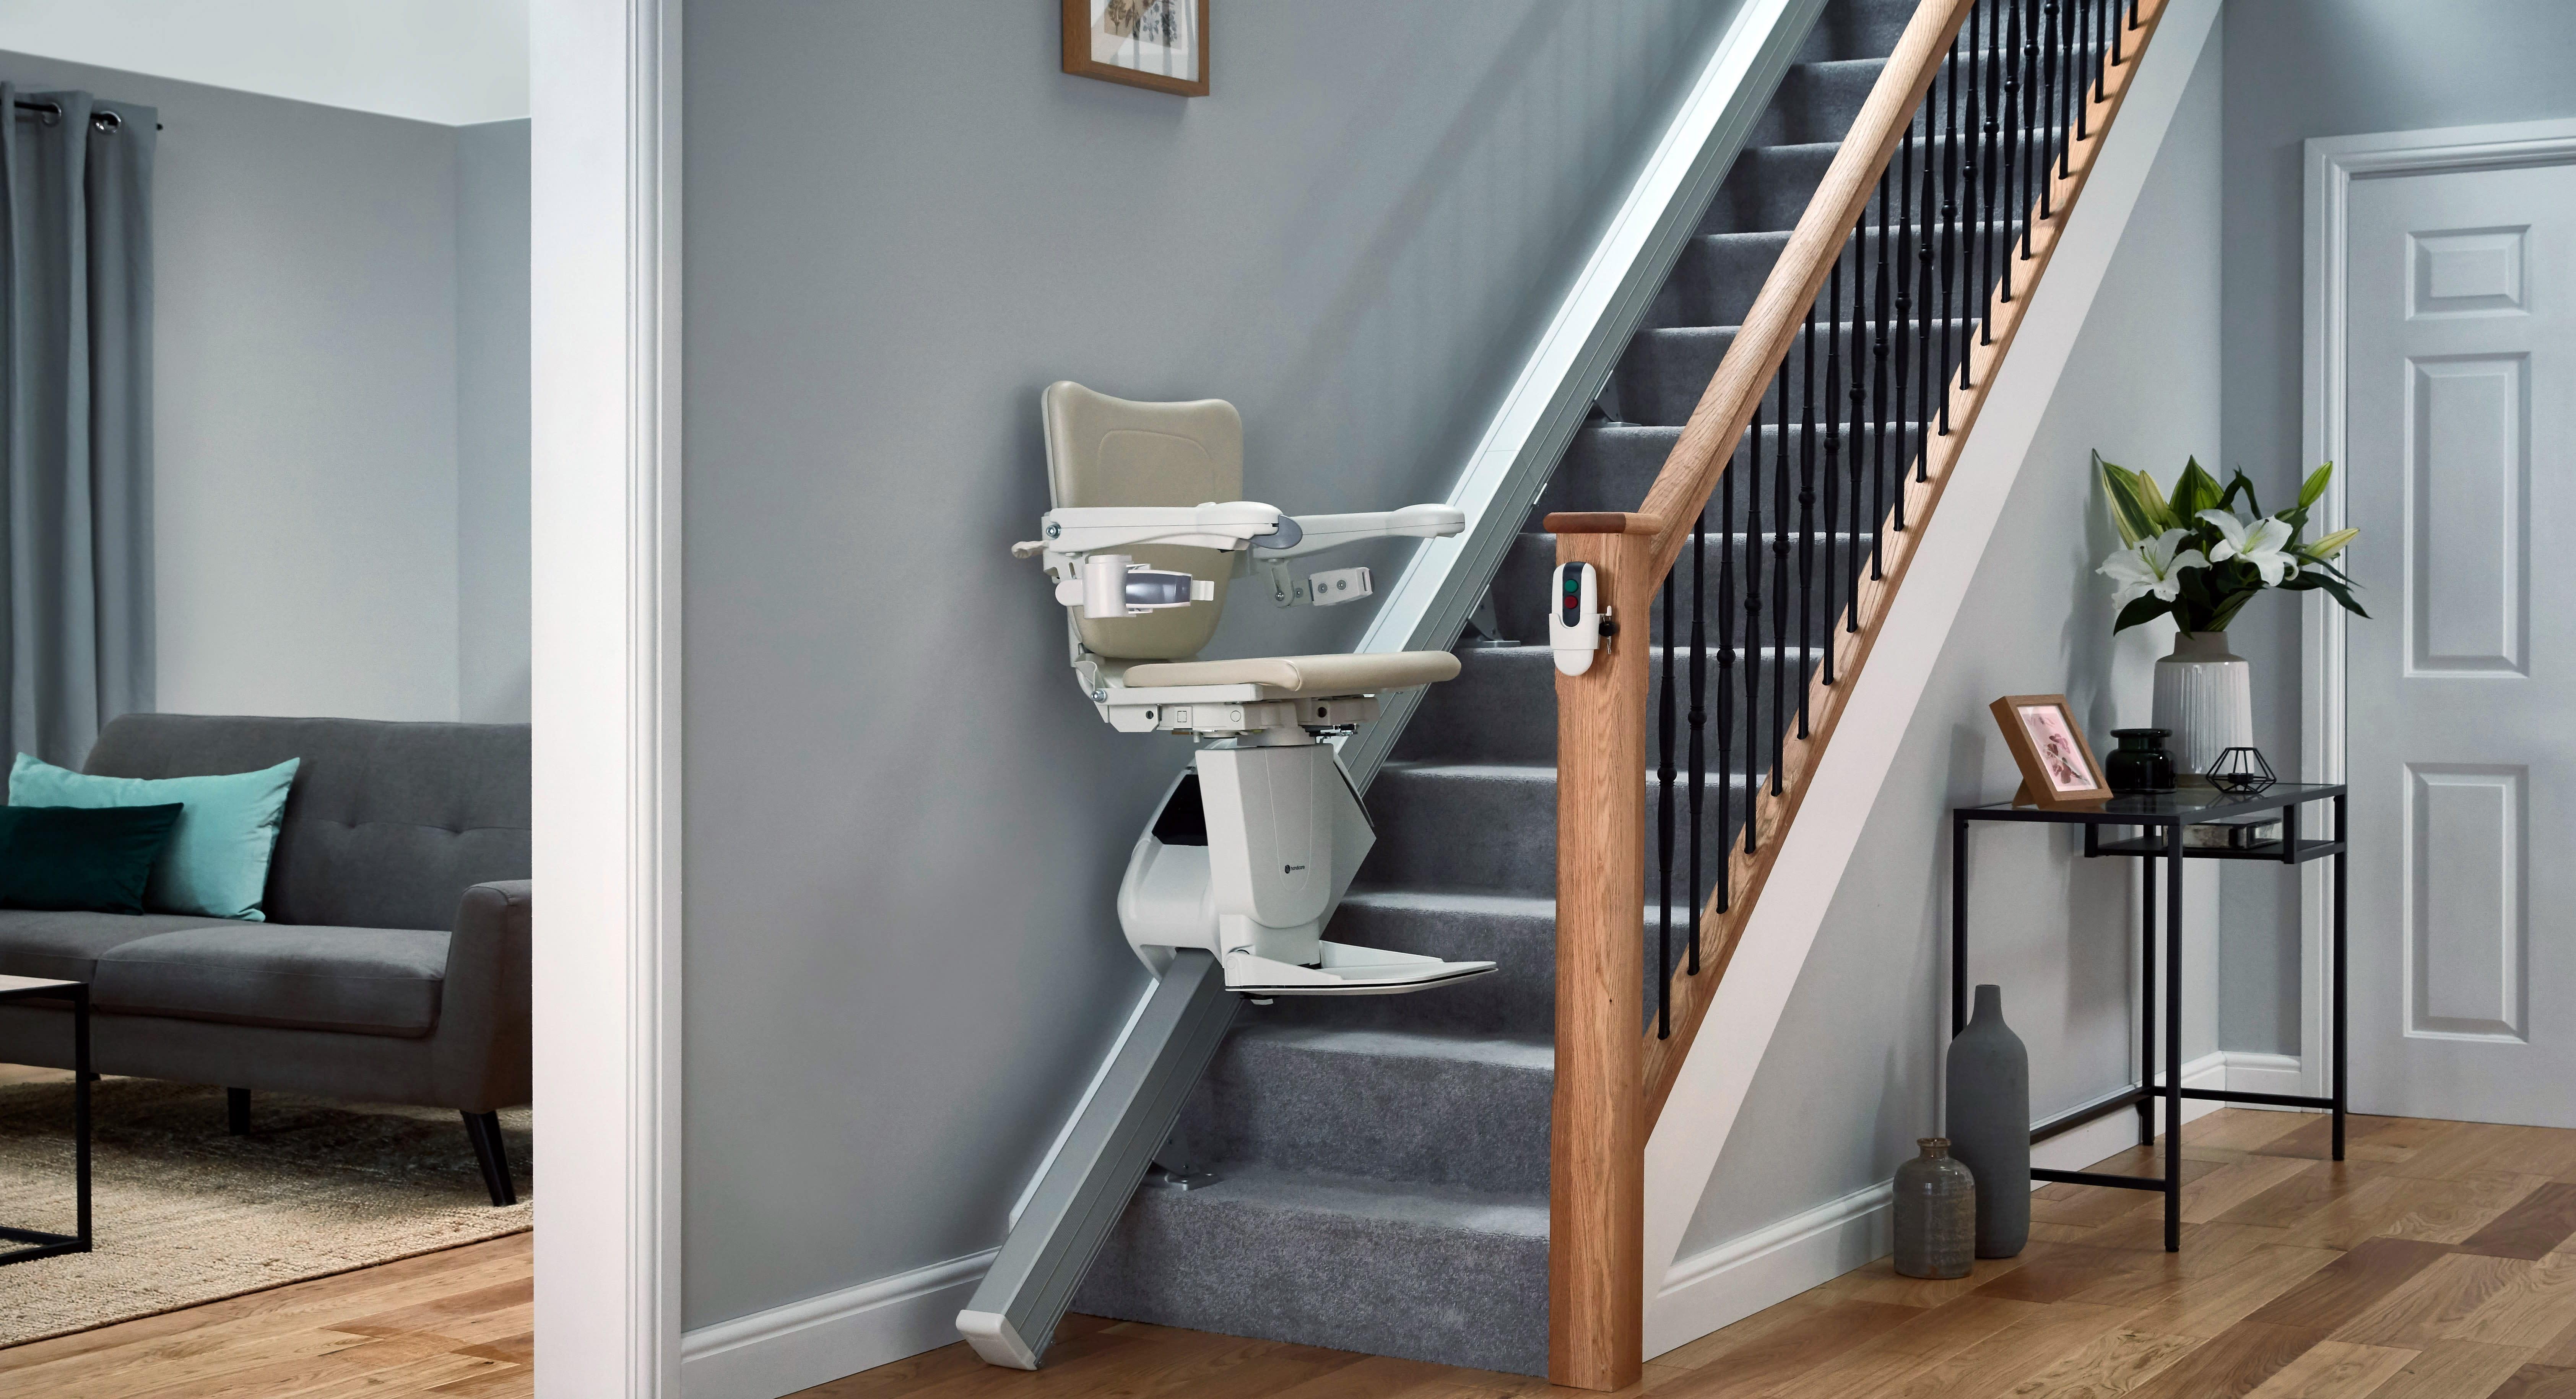 Treppenlift im Wohnzimmer